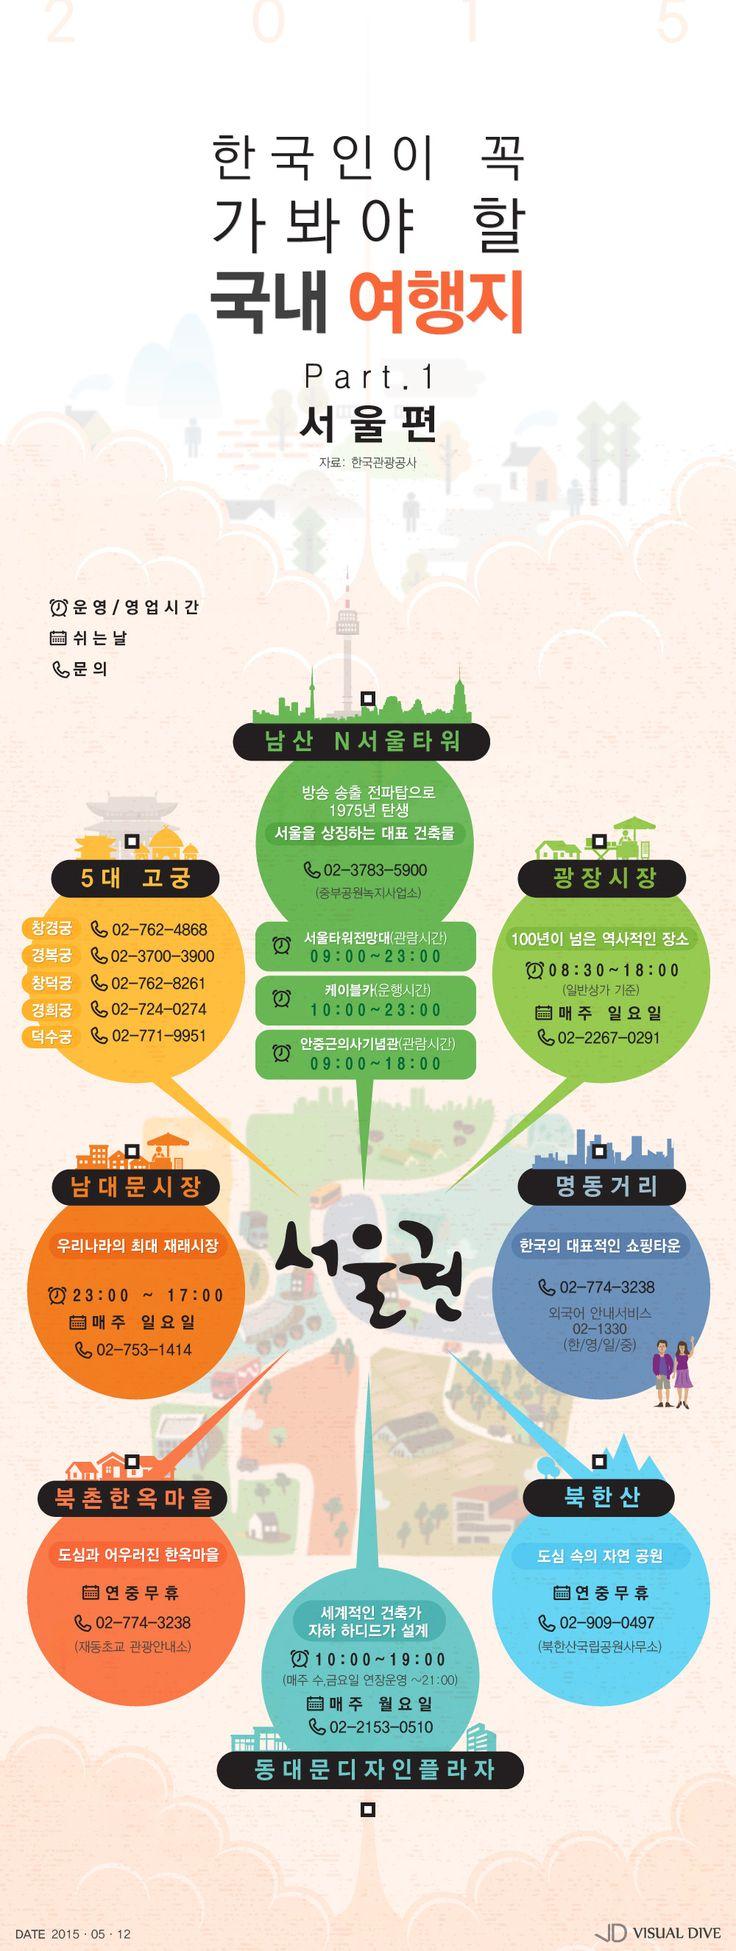 5월, 이곳을 놓칠 순 없다!…'꼭 가봐야 할 국내 관광지 100선' (서울편) [인포그래픽] #attraction / #Infographic ⓒ 비주얼다이브 무단 복사·전재·재배포 금지